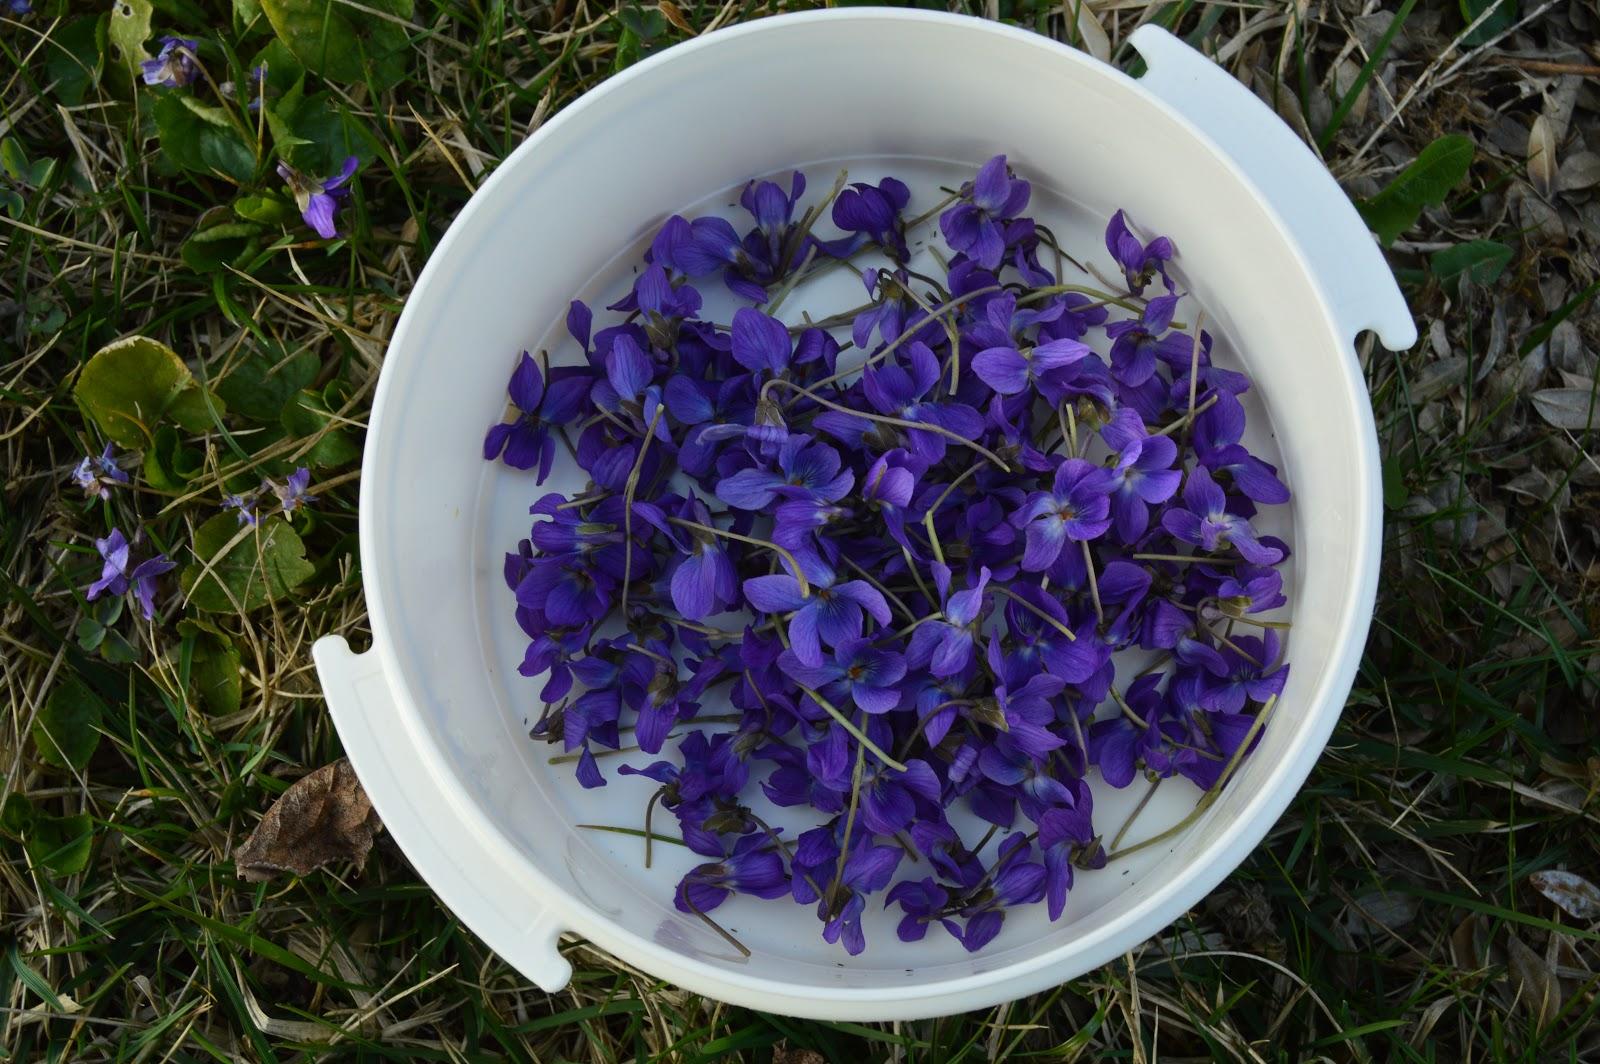 b85982c2b Večer doma sme sa rozhodli fialovú krásu zachovať aj na čas, kedy teplé dni  budú nabádať, aby si človek pripravil chladený nápoj a tak sme si ich  zamrazili.